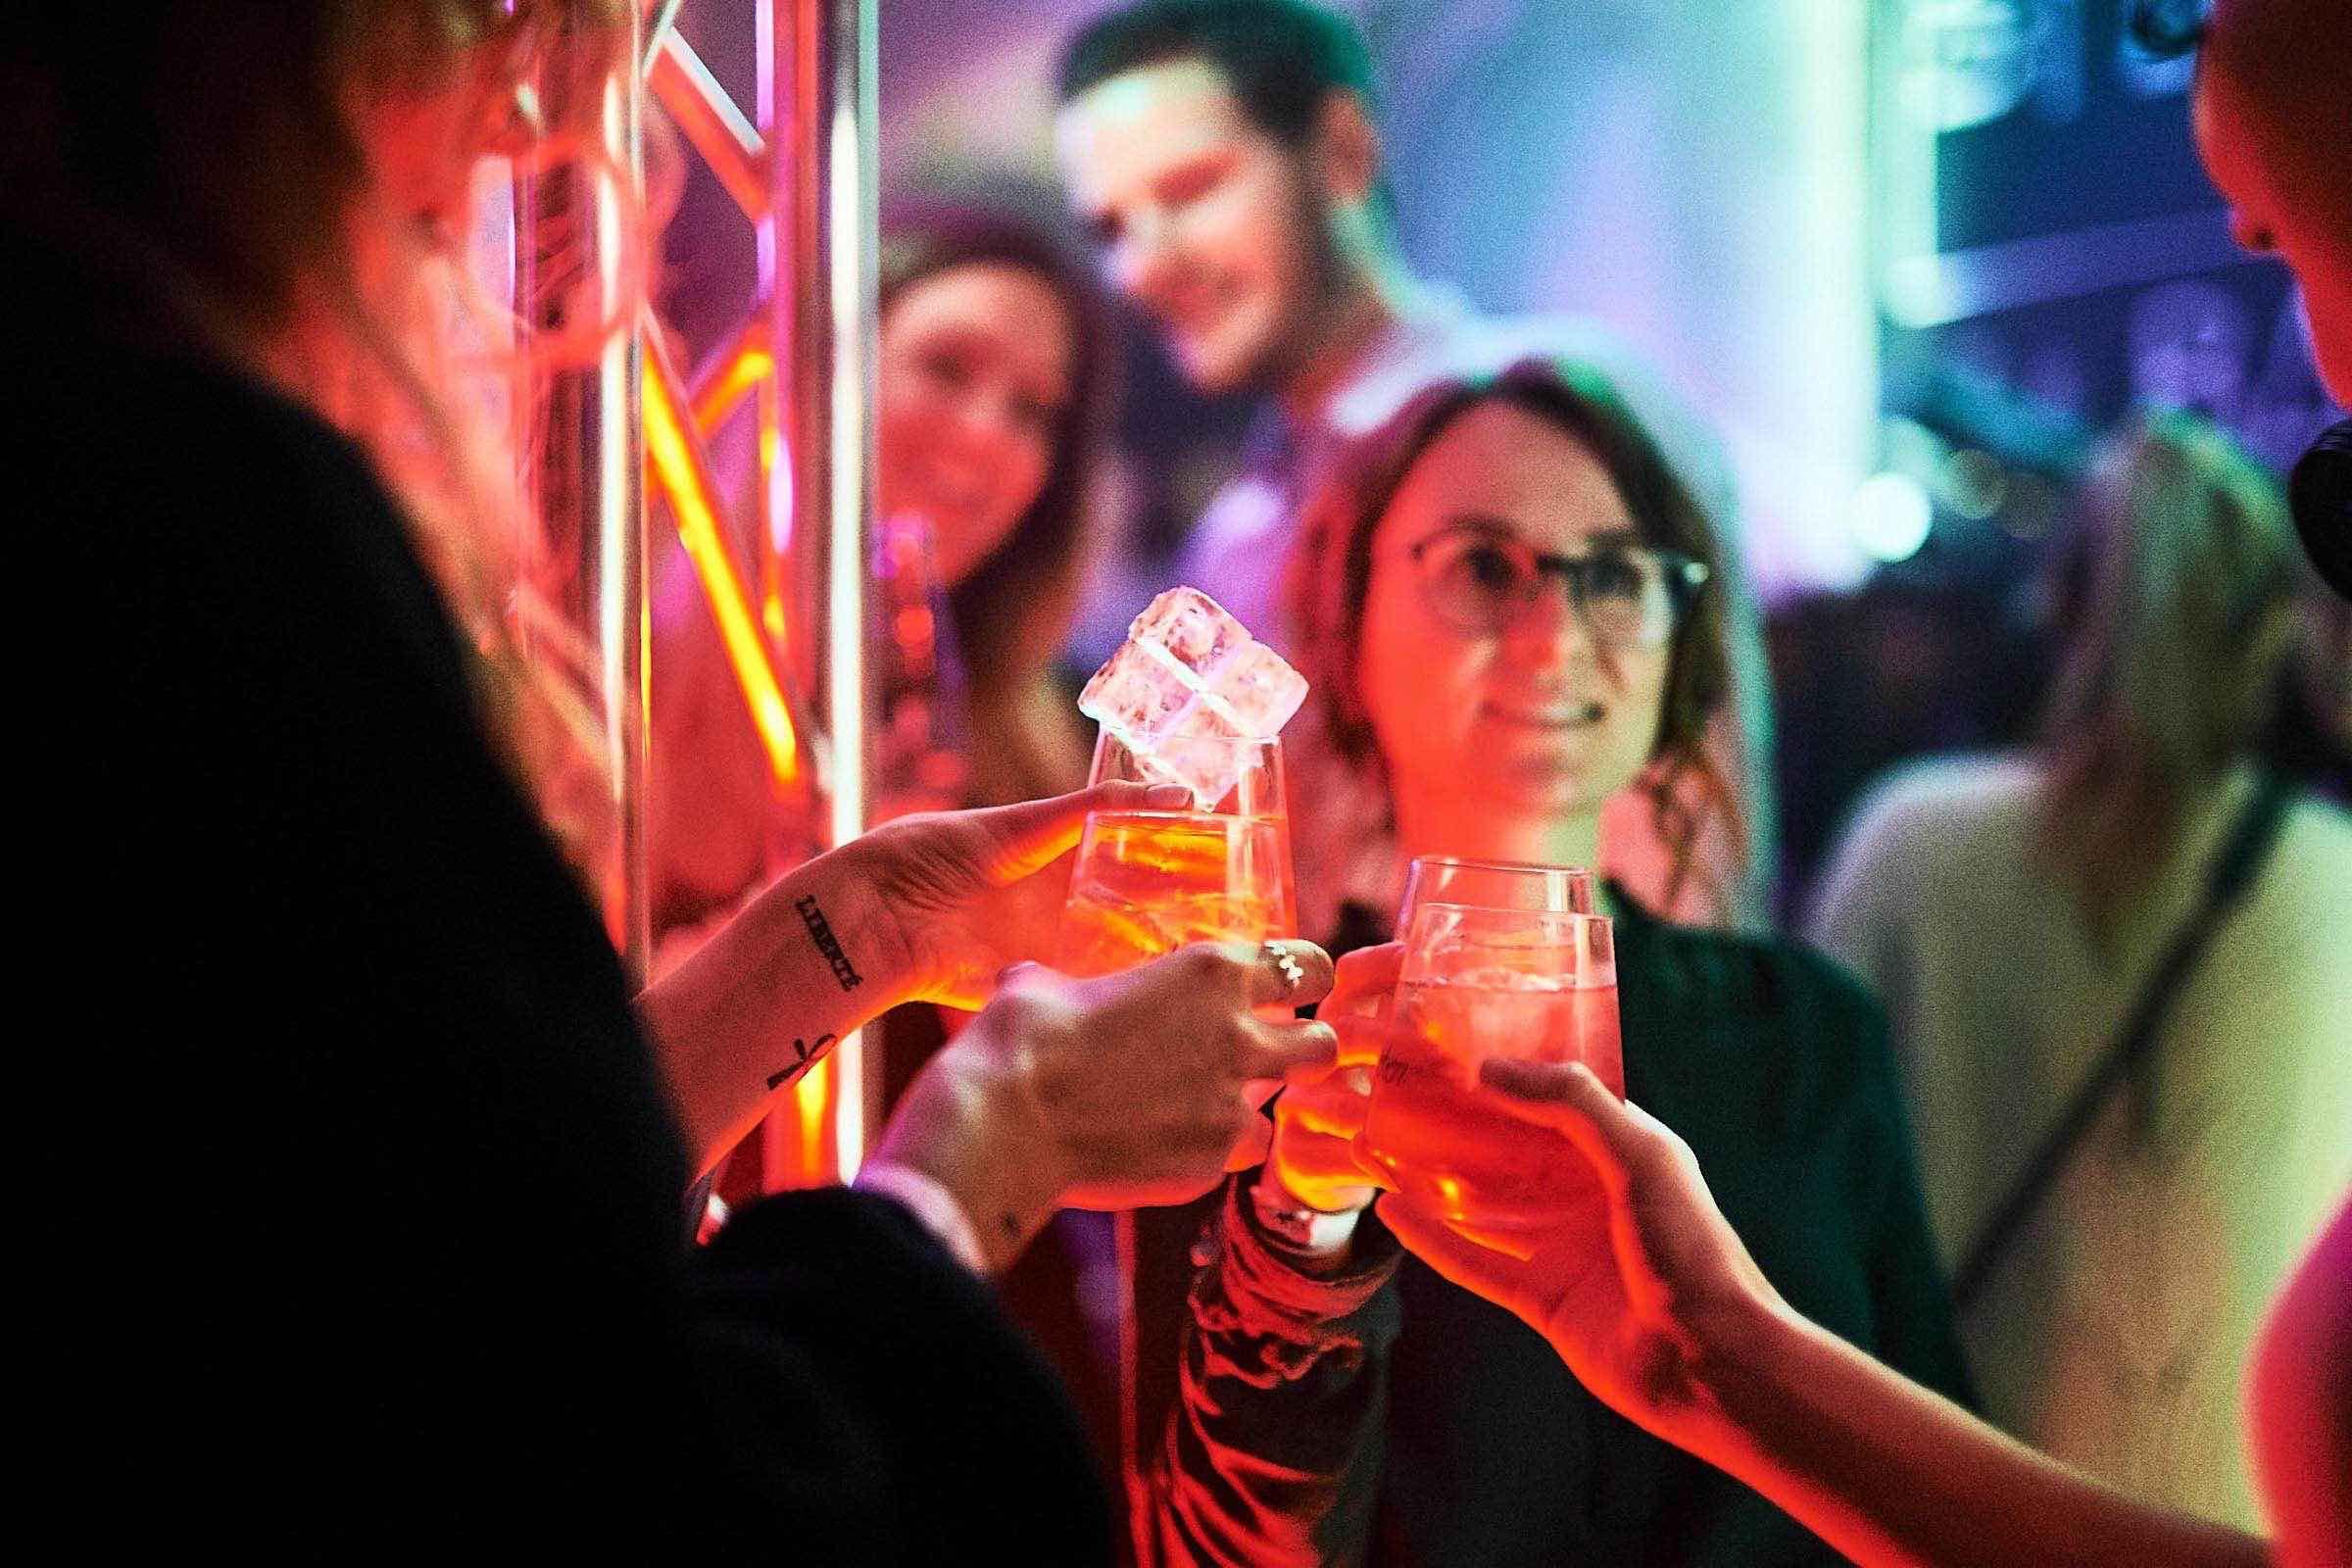 Barkeeper | Hamburg | Cocktailbar | Cocktails | Sektempfang | Buchen | Mieten | Geburtstag | Ape | VW | Bar | Getränke | Catering | Foodtruck | Ginbar | Weinbar | Sektbar | Kaffeebar | Messe | Cocktails | Hamburgfeiert